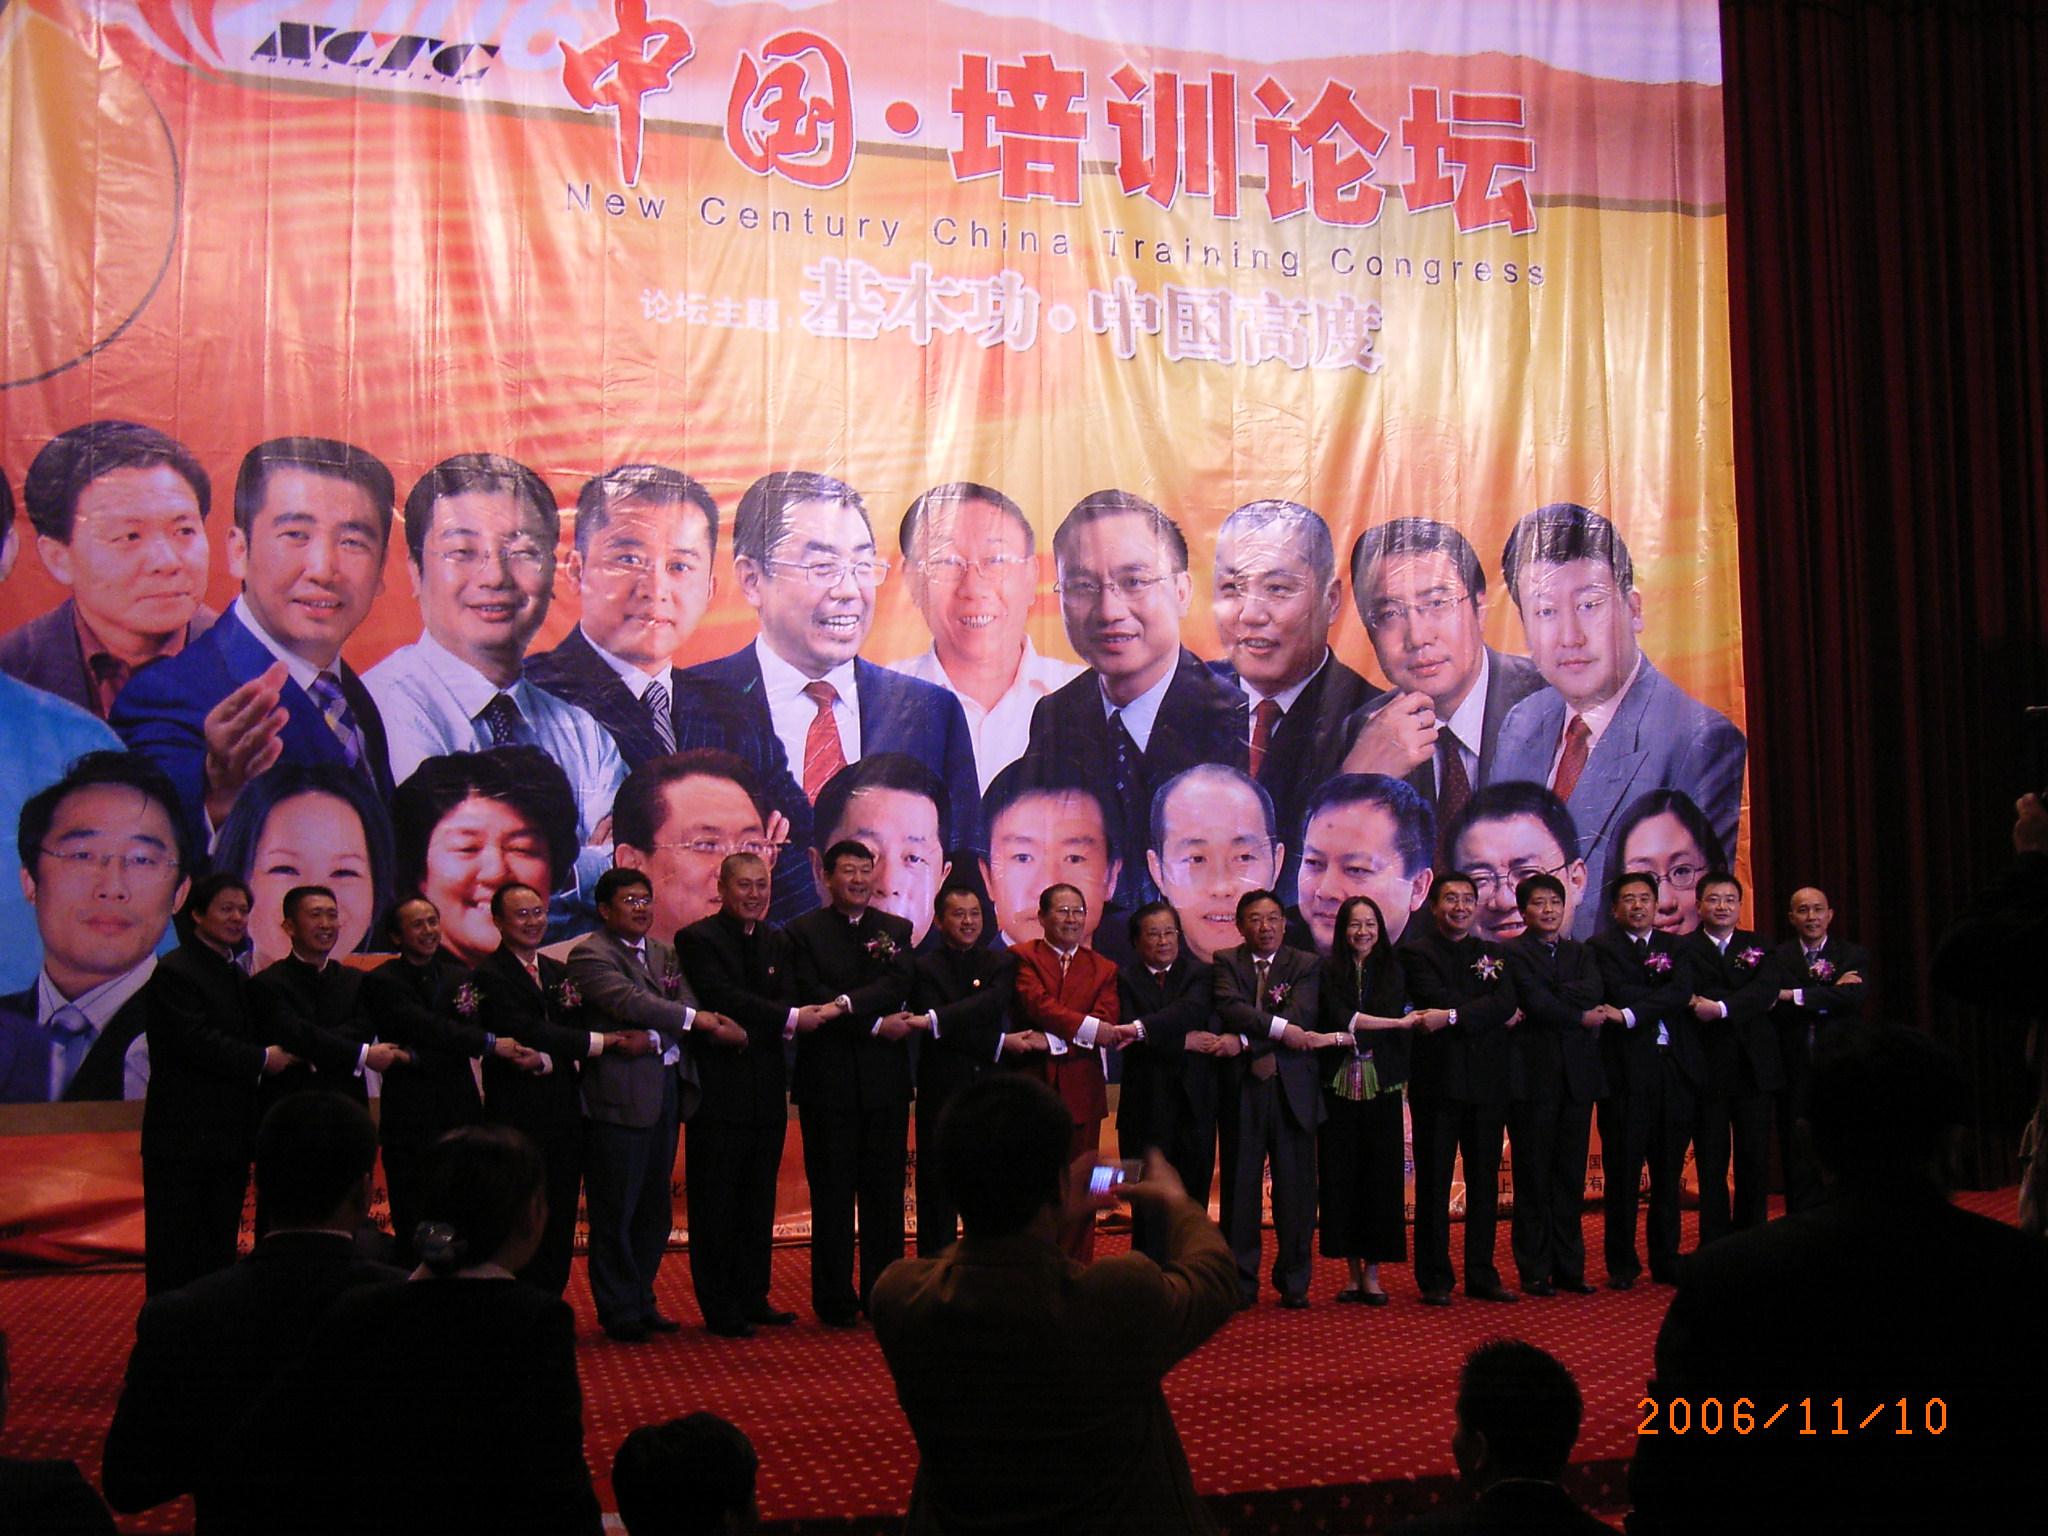 中国培训论坛